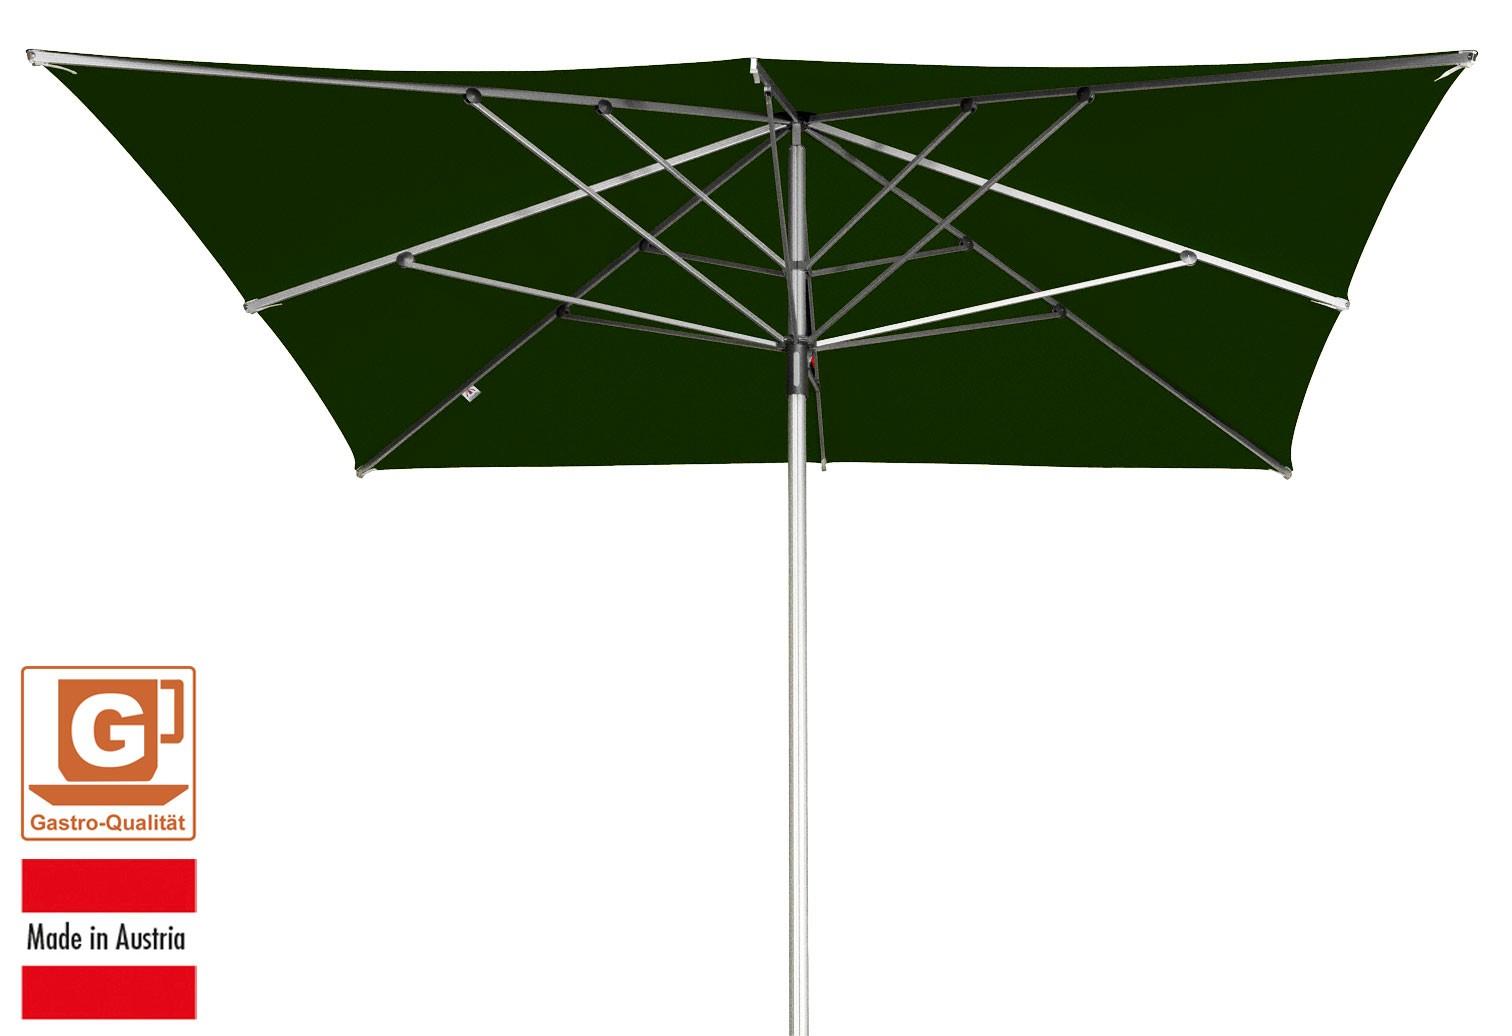 Großschirm / Sonnenschirm Doppler Alu Expert 300x300cm dunkelgrün Bild 1